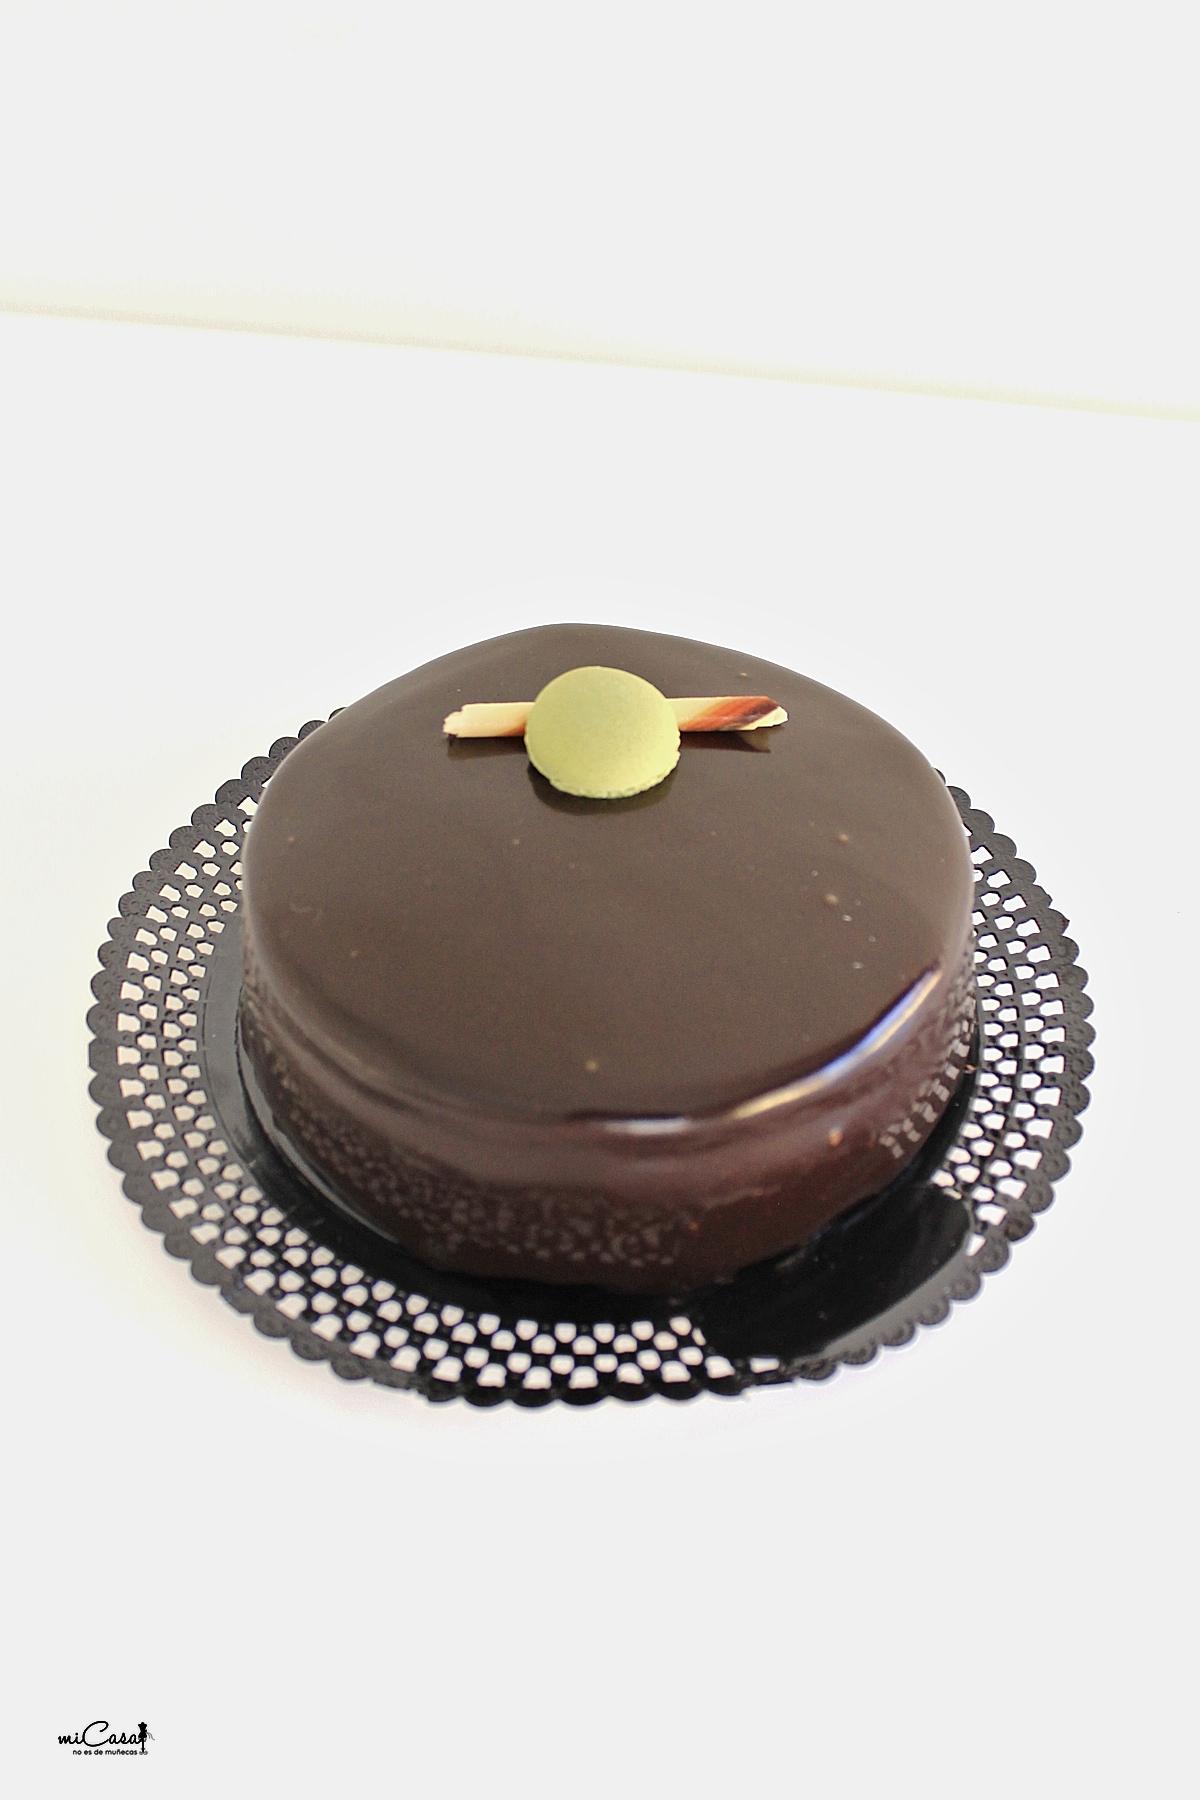 Mi tarta de cumplea os mi casa no es de mu ecas blog y - Mi casa no es de munecas ...